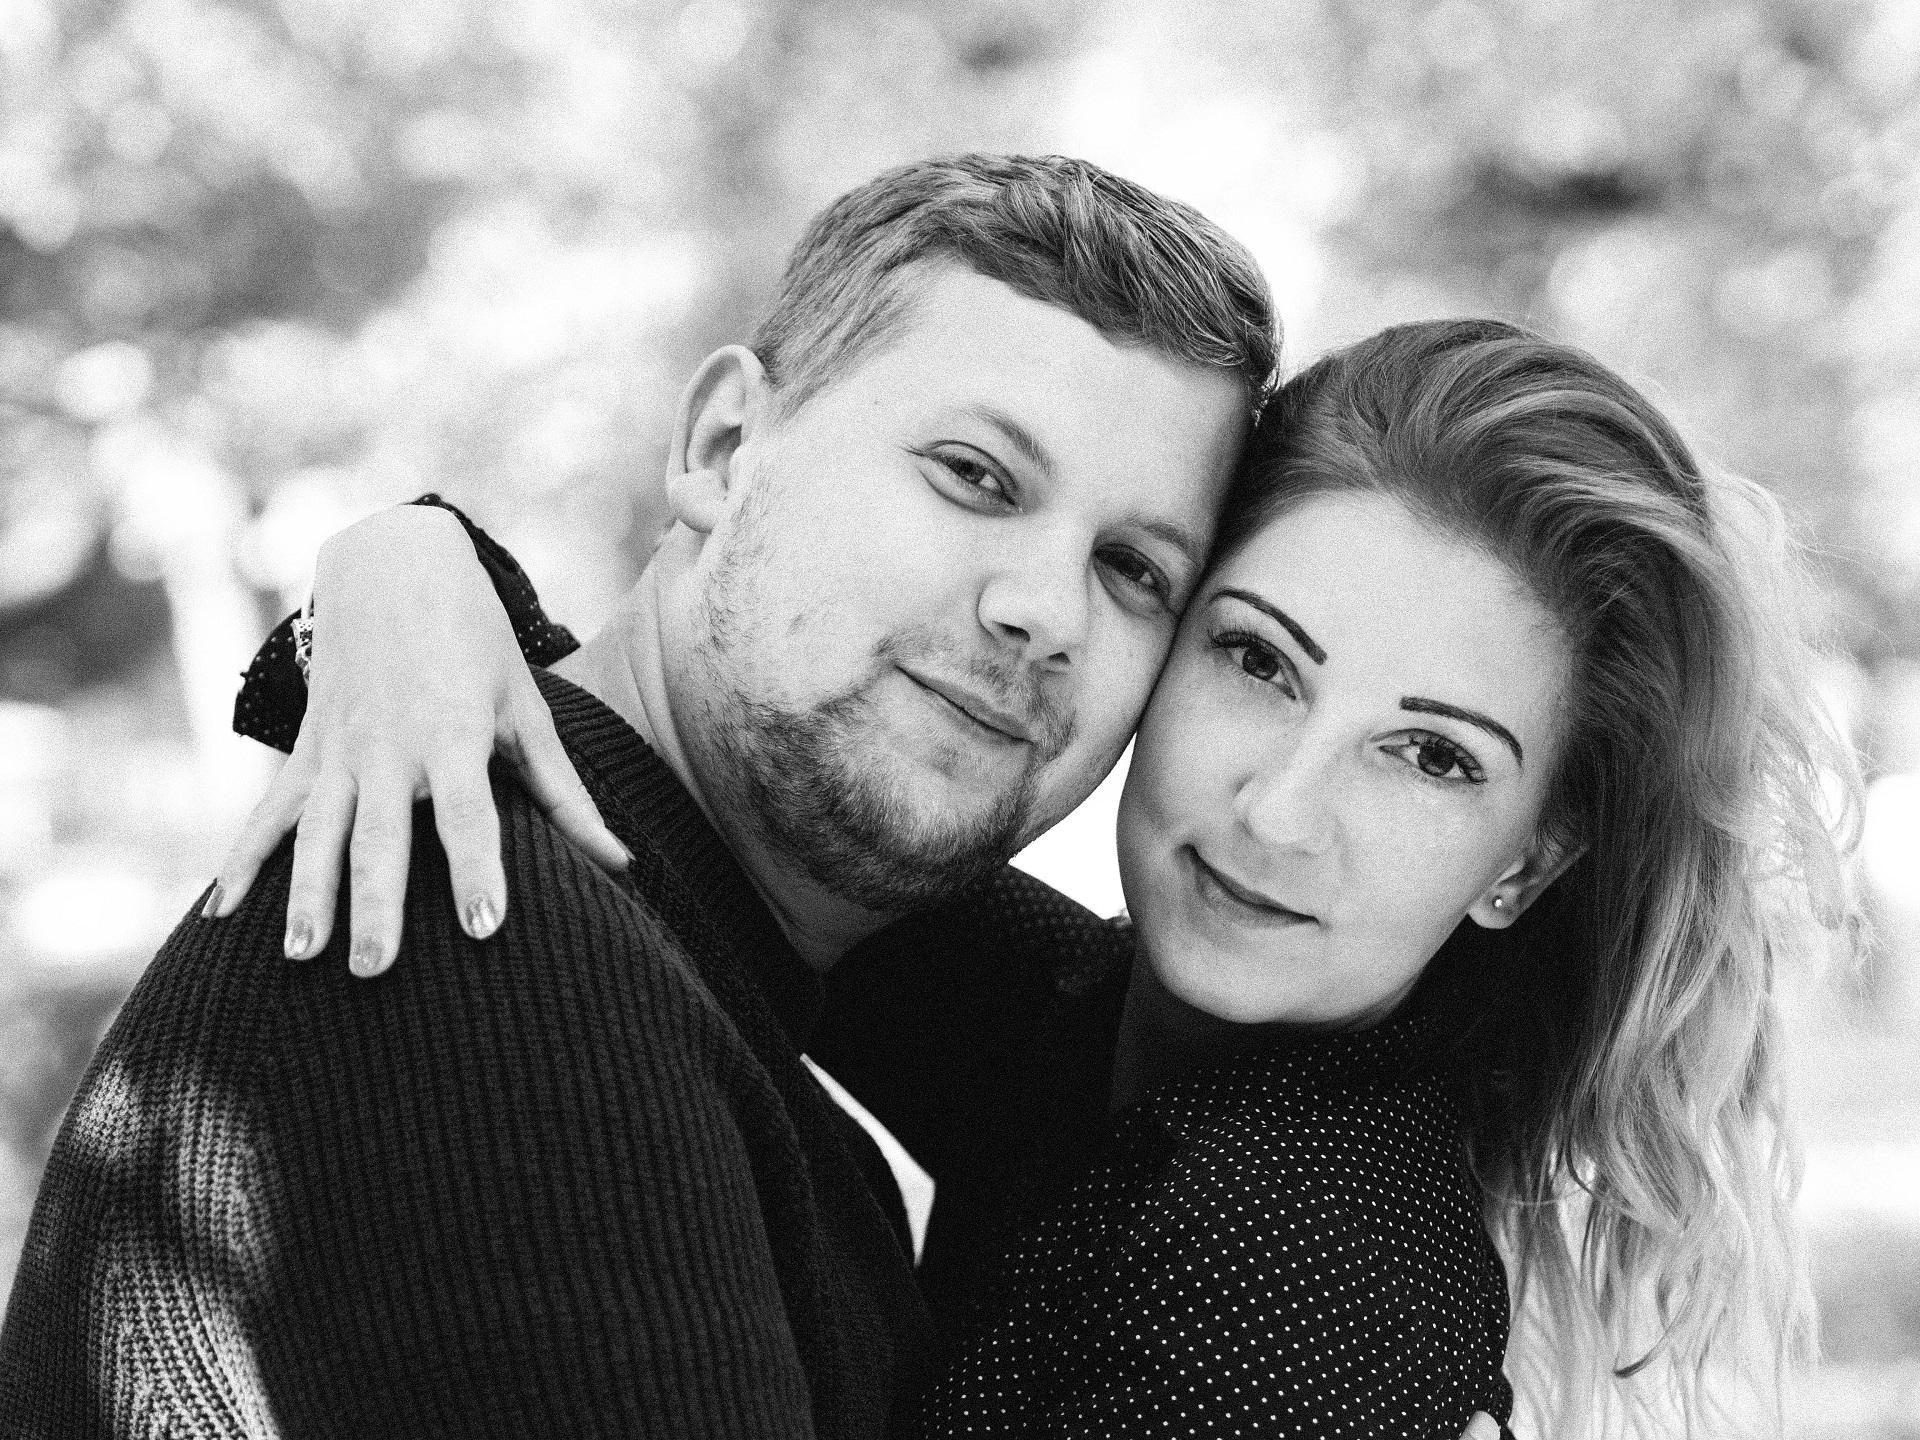 Love Couple Pictures Vienna Schönnbrunn Engagement photographer